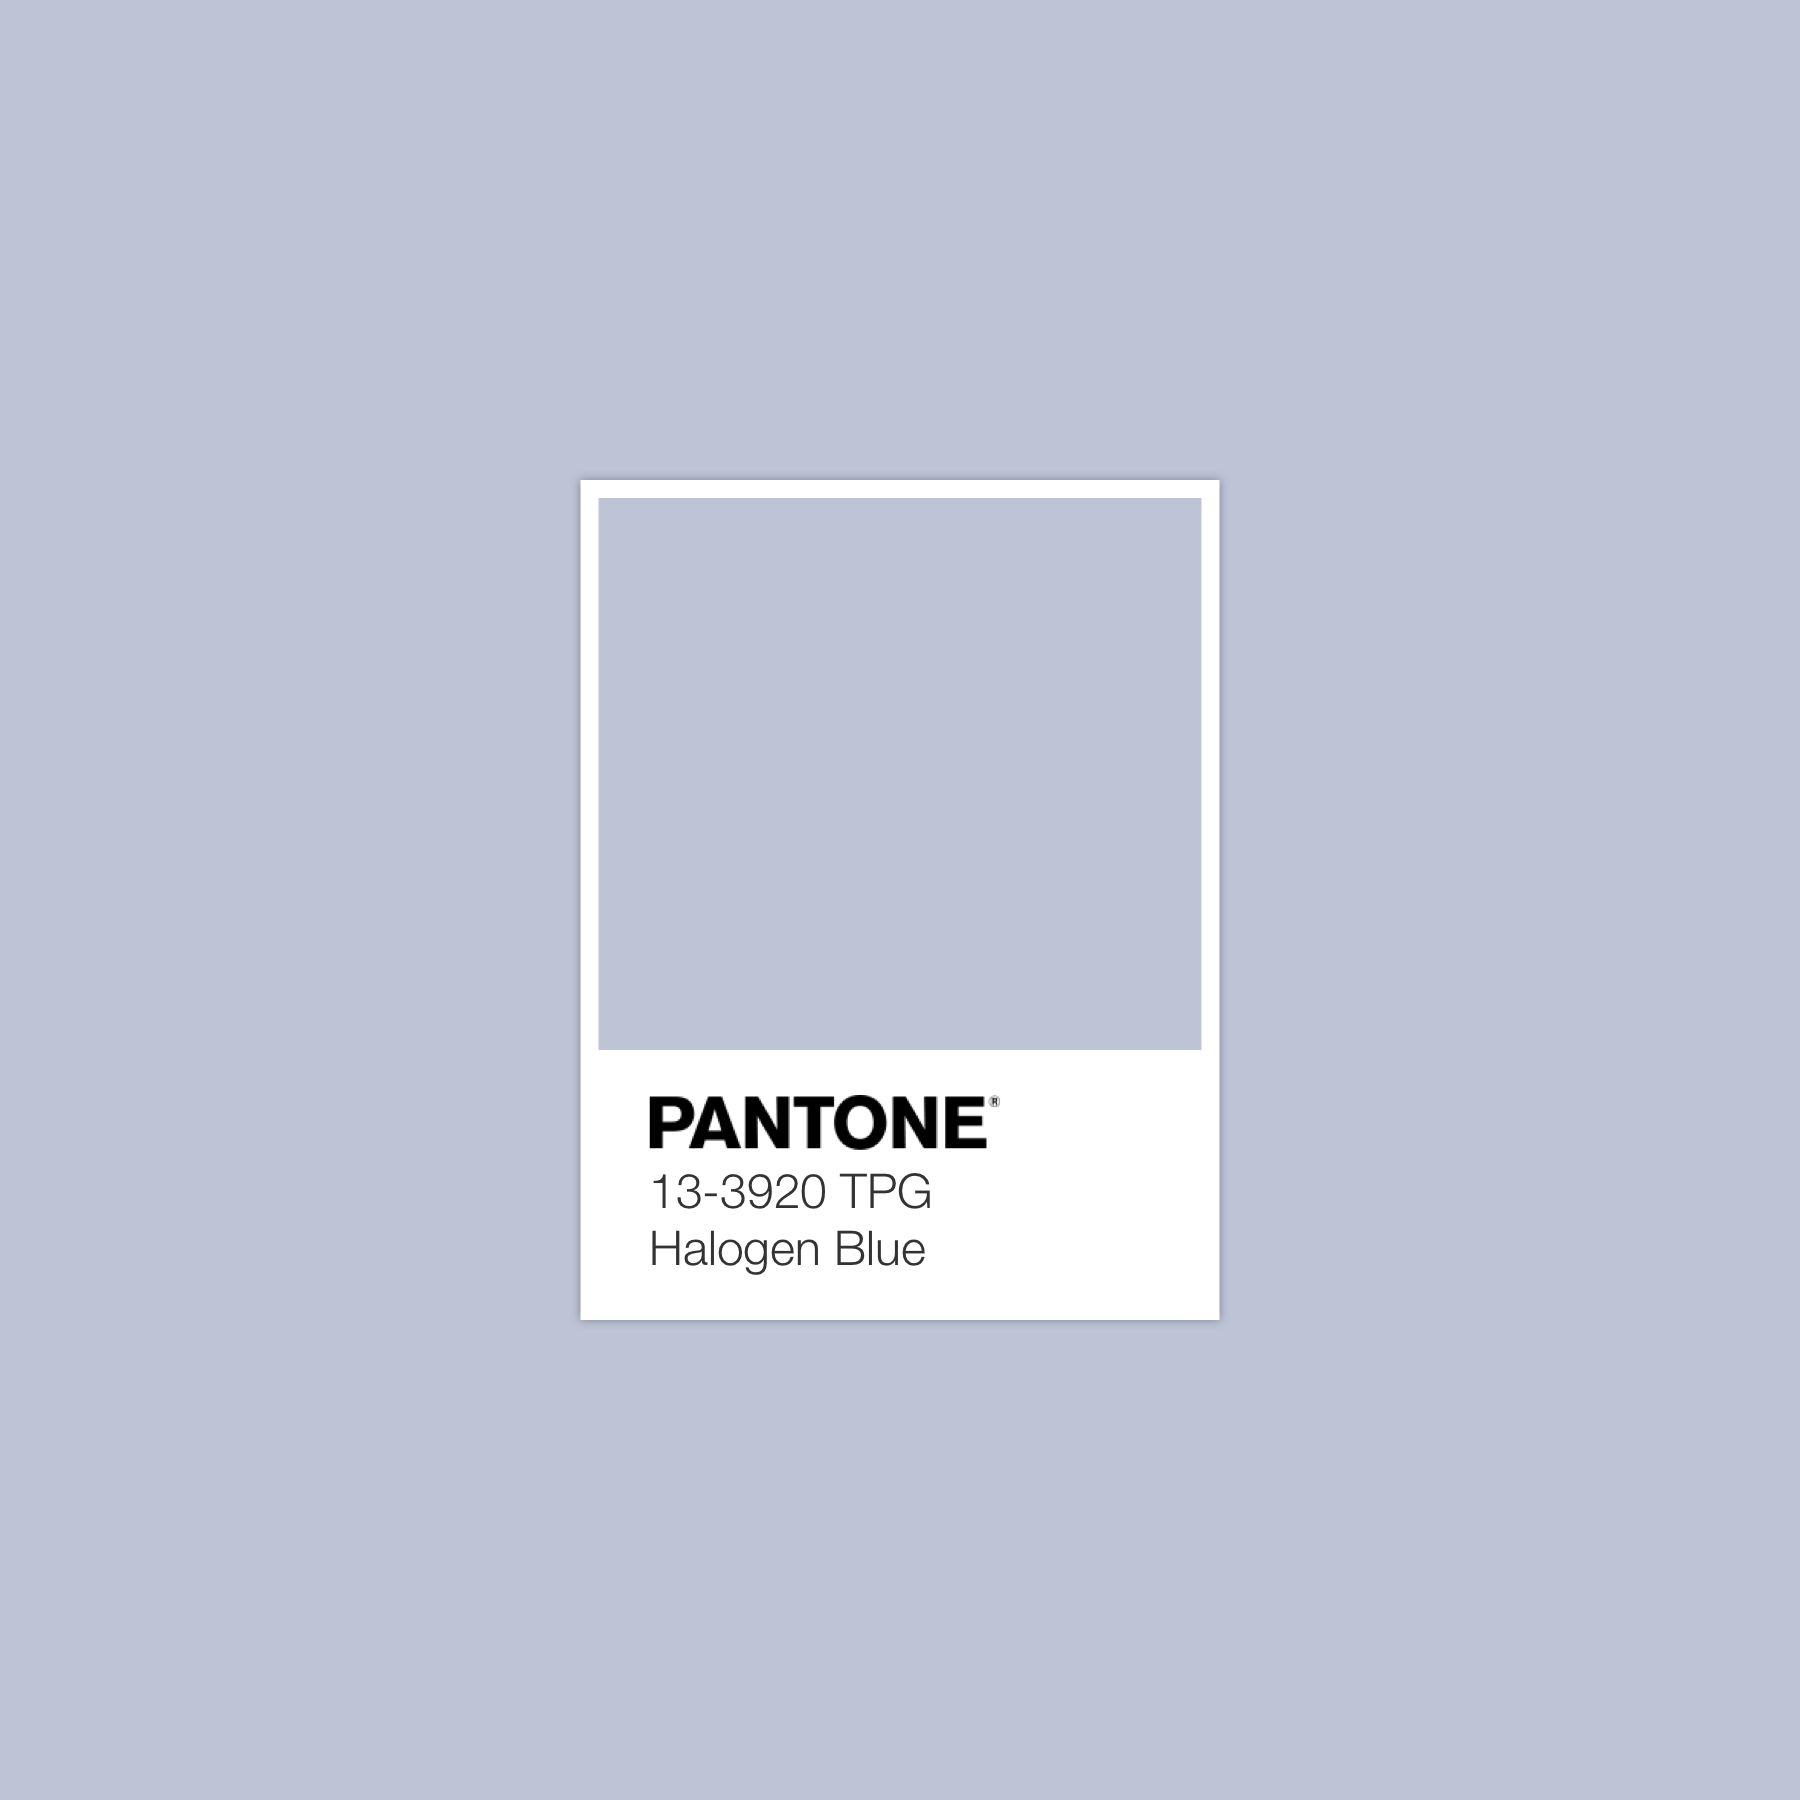 Halogenblue Pantone Luxurydotcom Pantone Colour Palettes Pantone Color Pantone